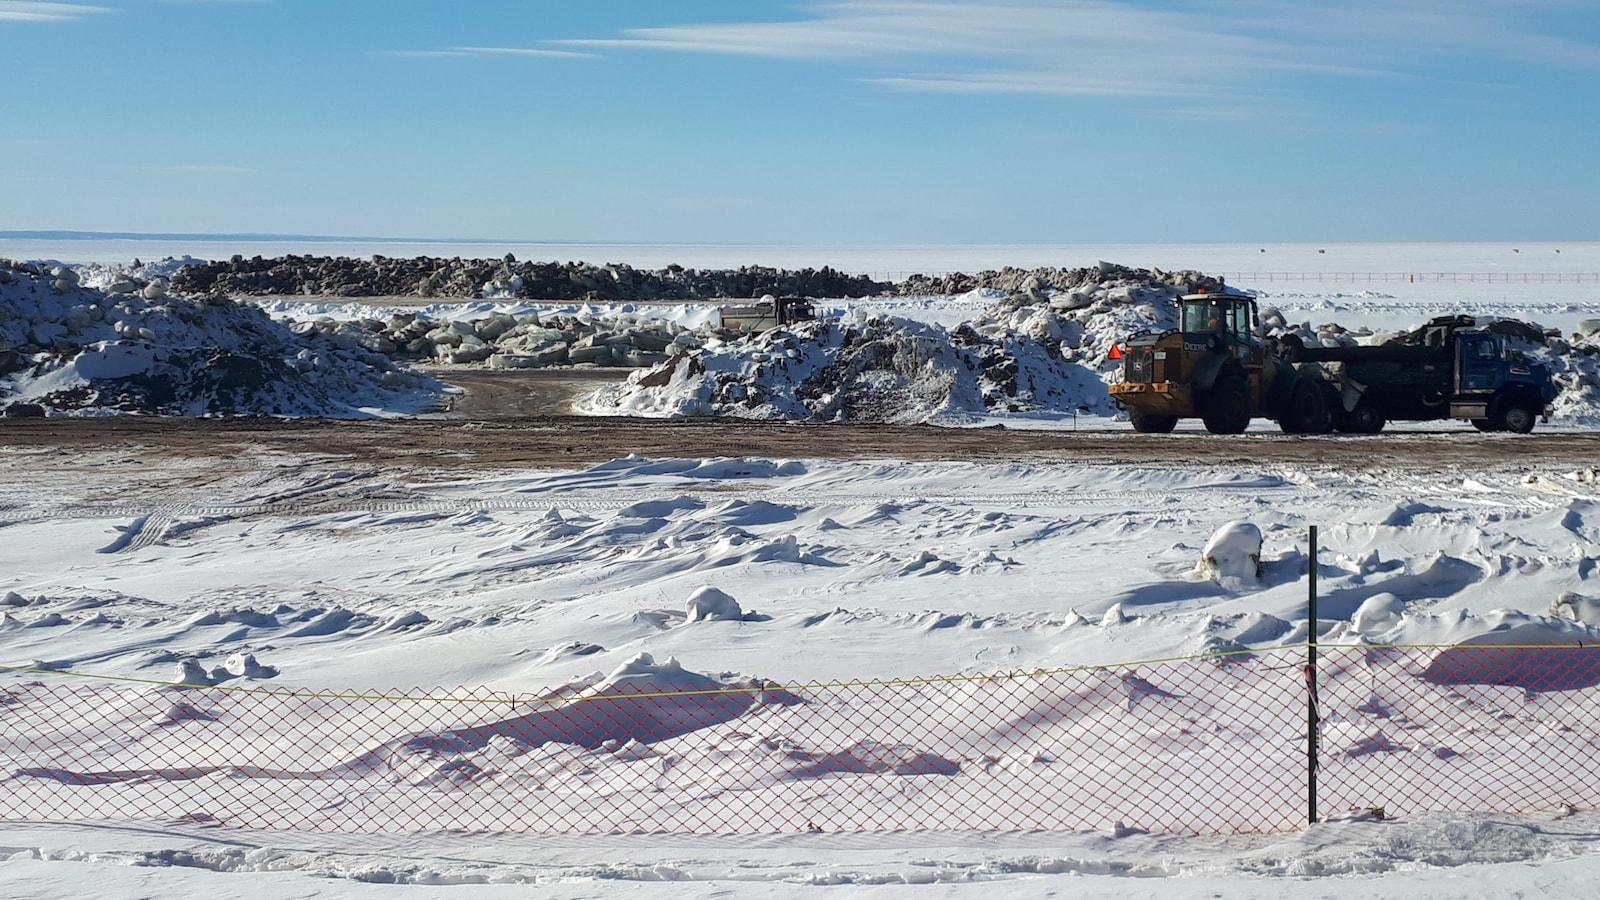 Chantier hivernal avec camions en hiver sur les rives du lac Saint-Jean.